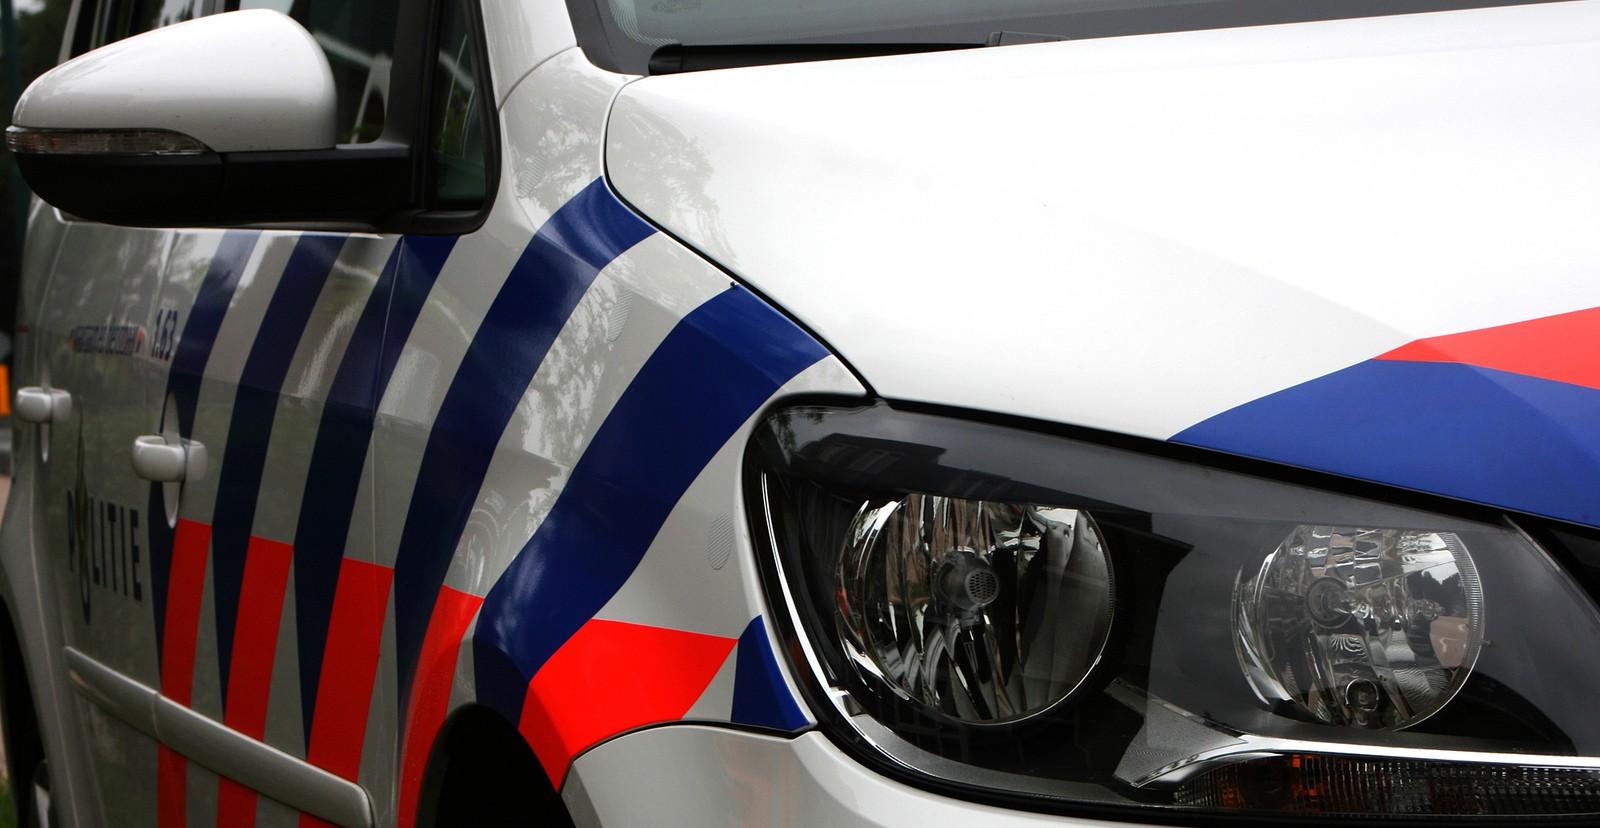 Politie achtervolging over Kerkstraat en A7